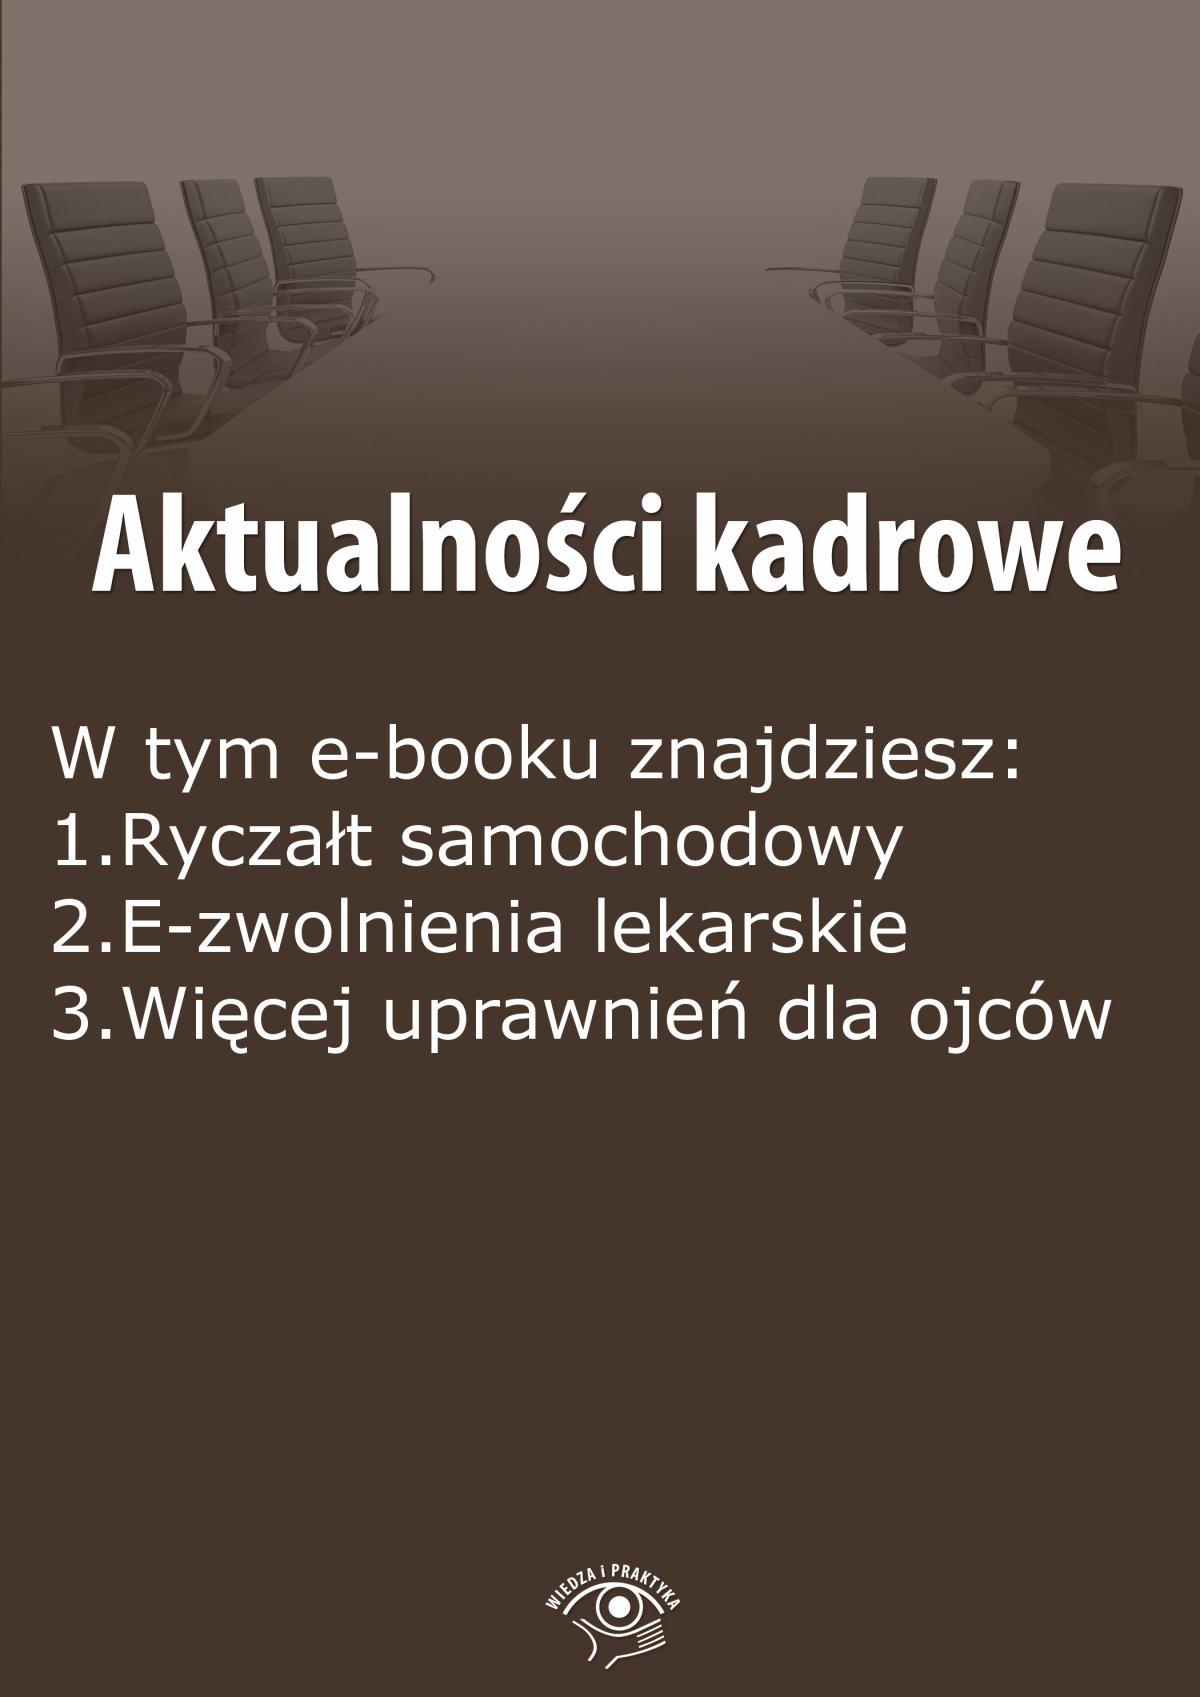 Aktualności kadrowe, wydanie sierpień 2015 r. - Ebook (Książka EPUB) do pobrania w formacie EPUB